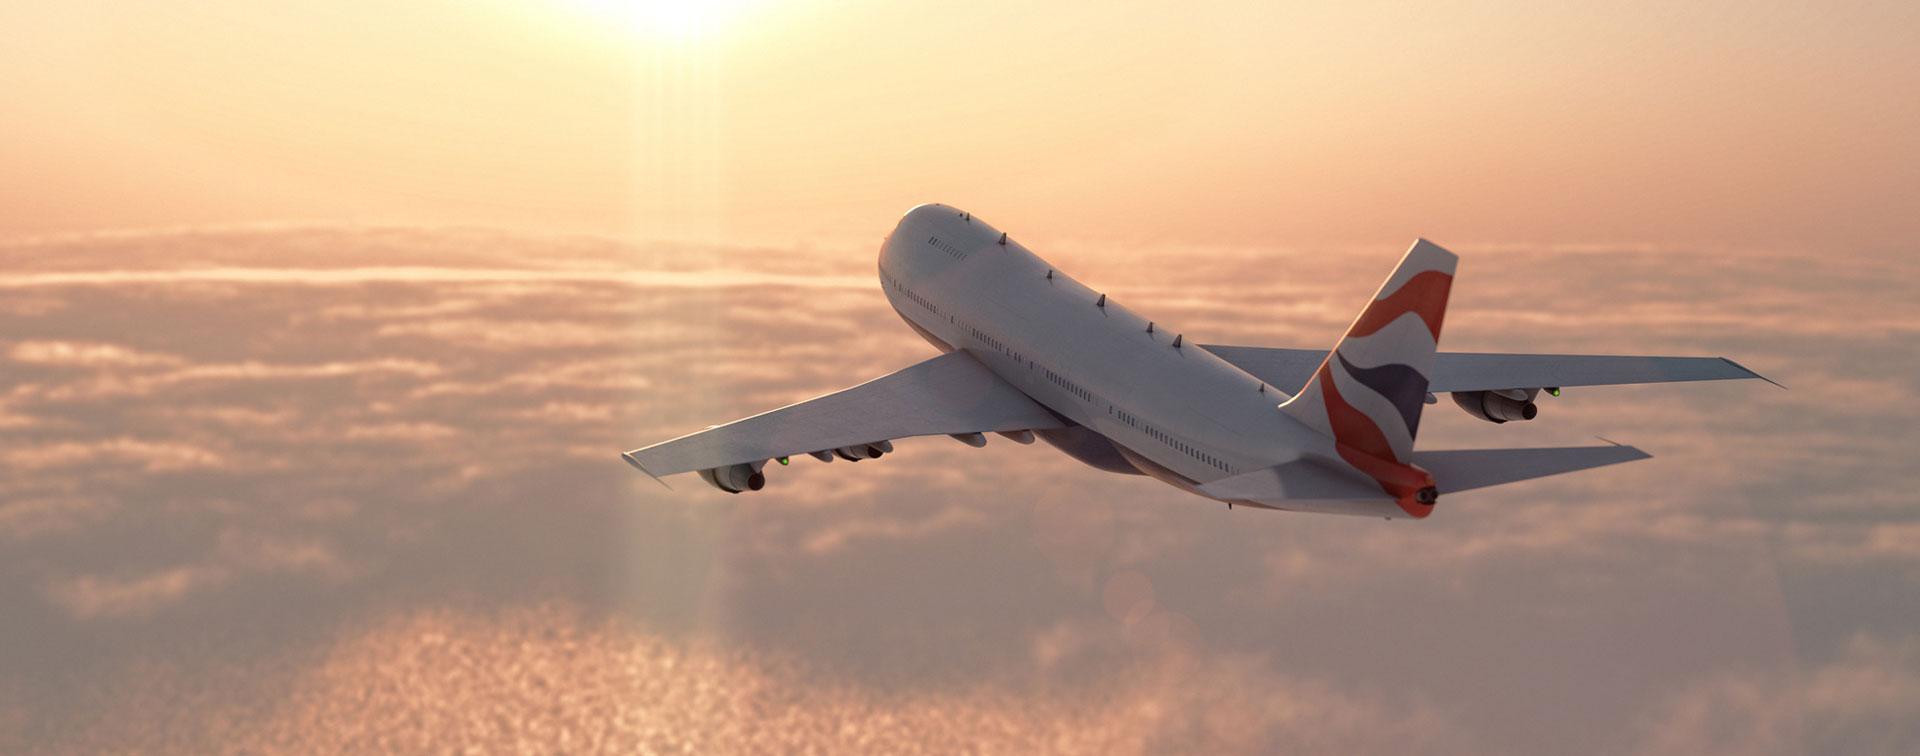 avion_transferts_en_fr